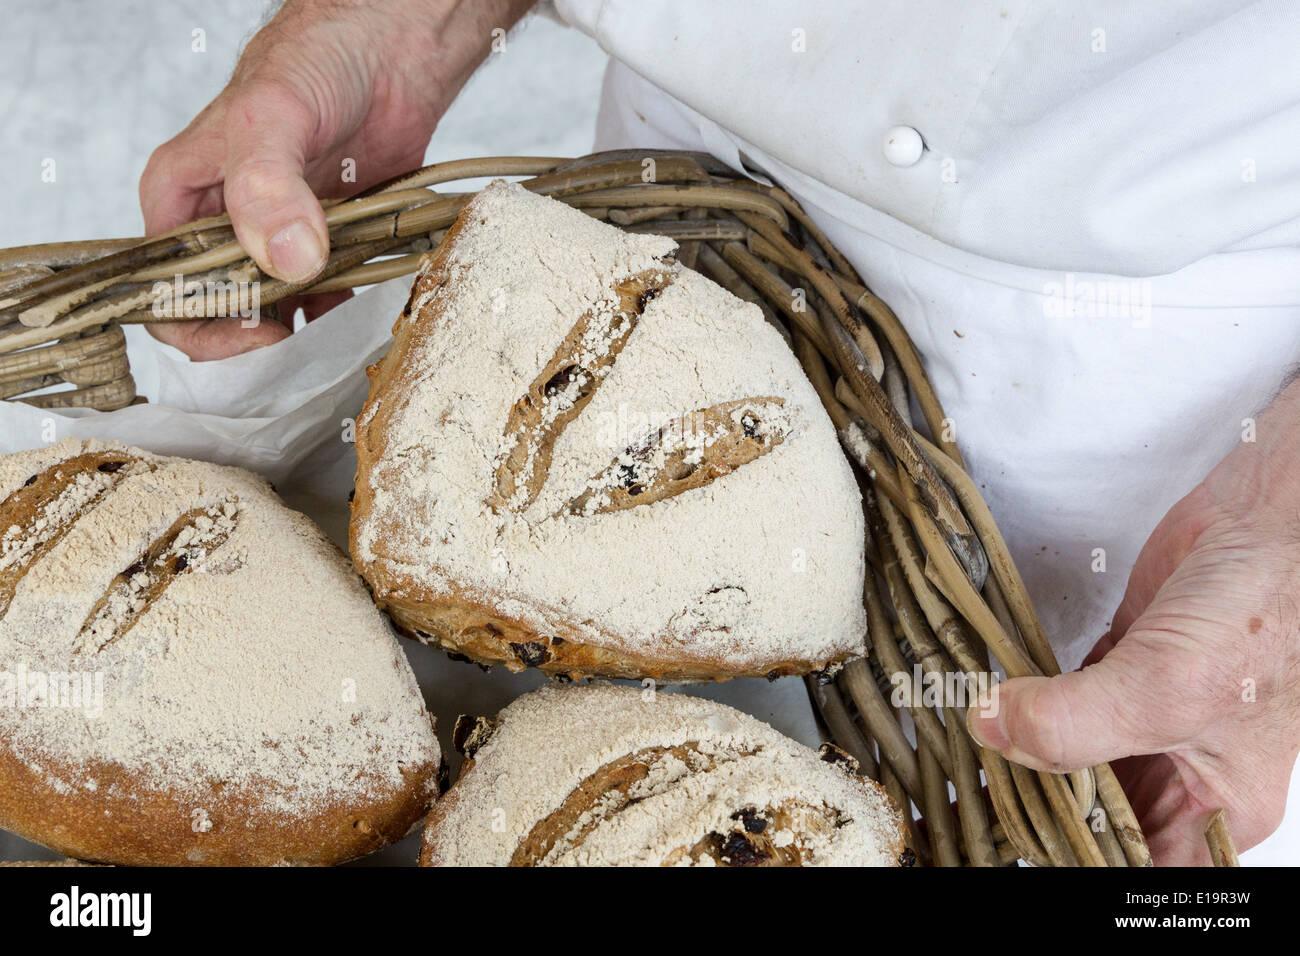 baker holding basket of freshly baked bread - Stock Image